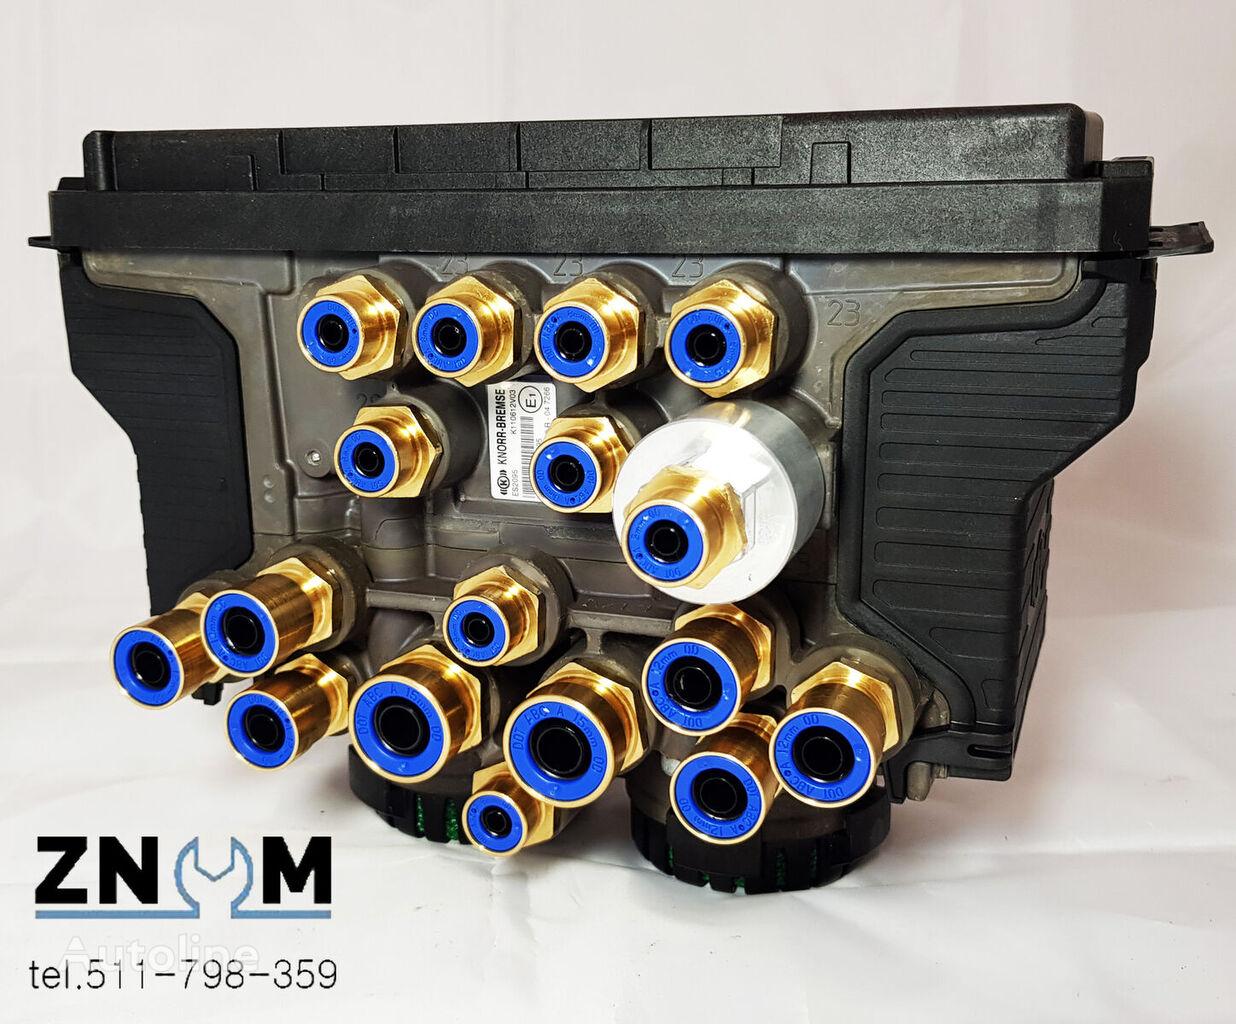 modulador EBS KNORR-BREMSE para semirremolque KNORR-BREMSE nuevo